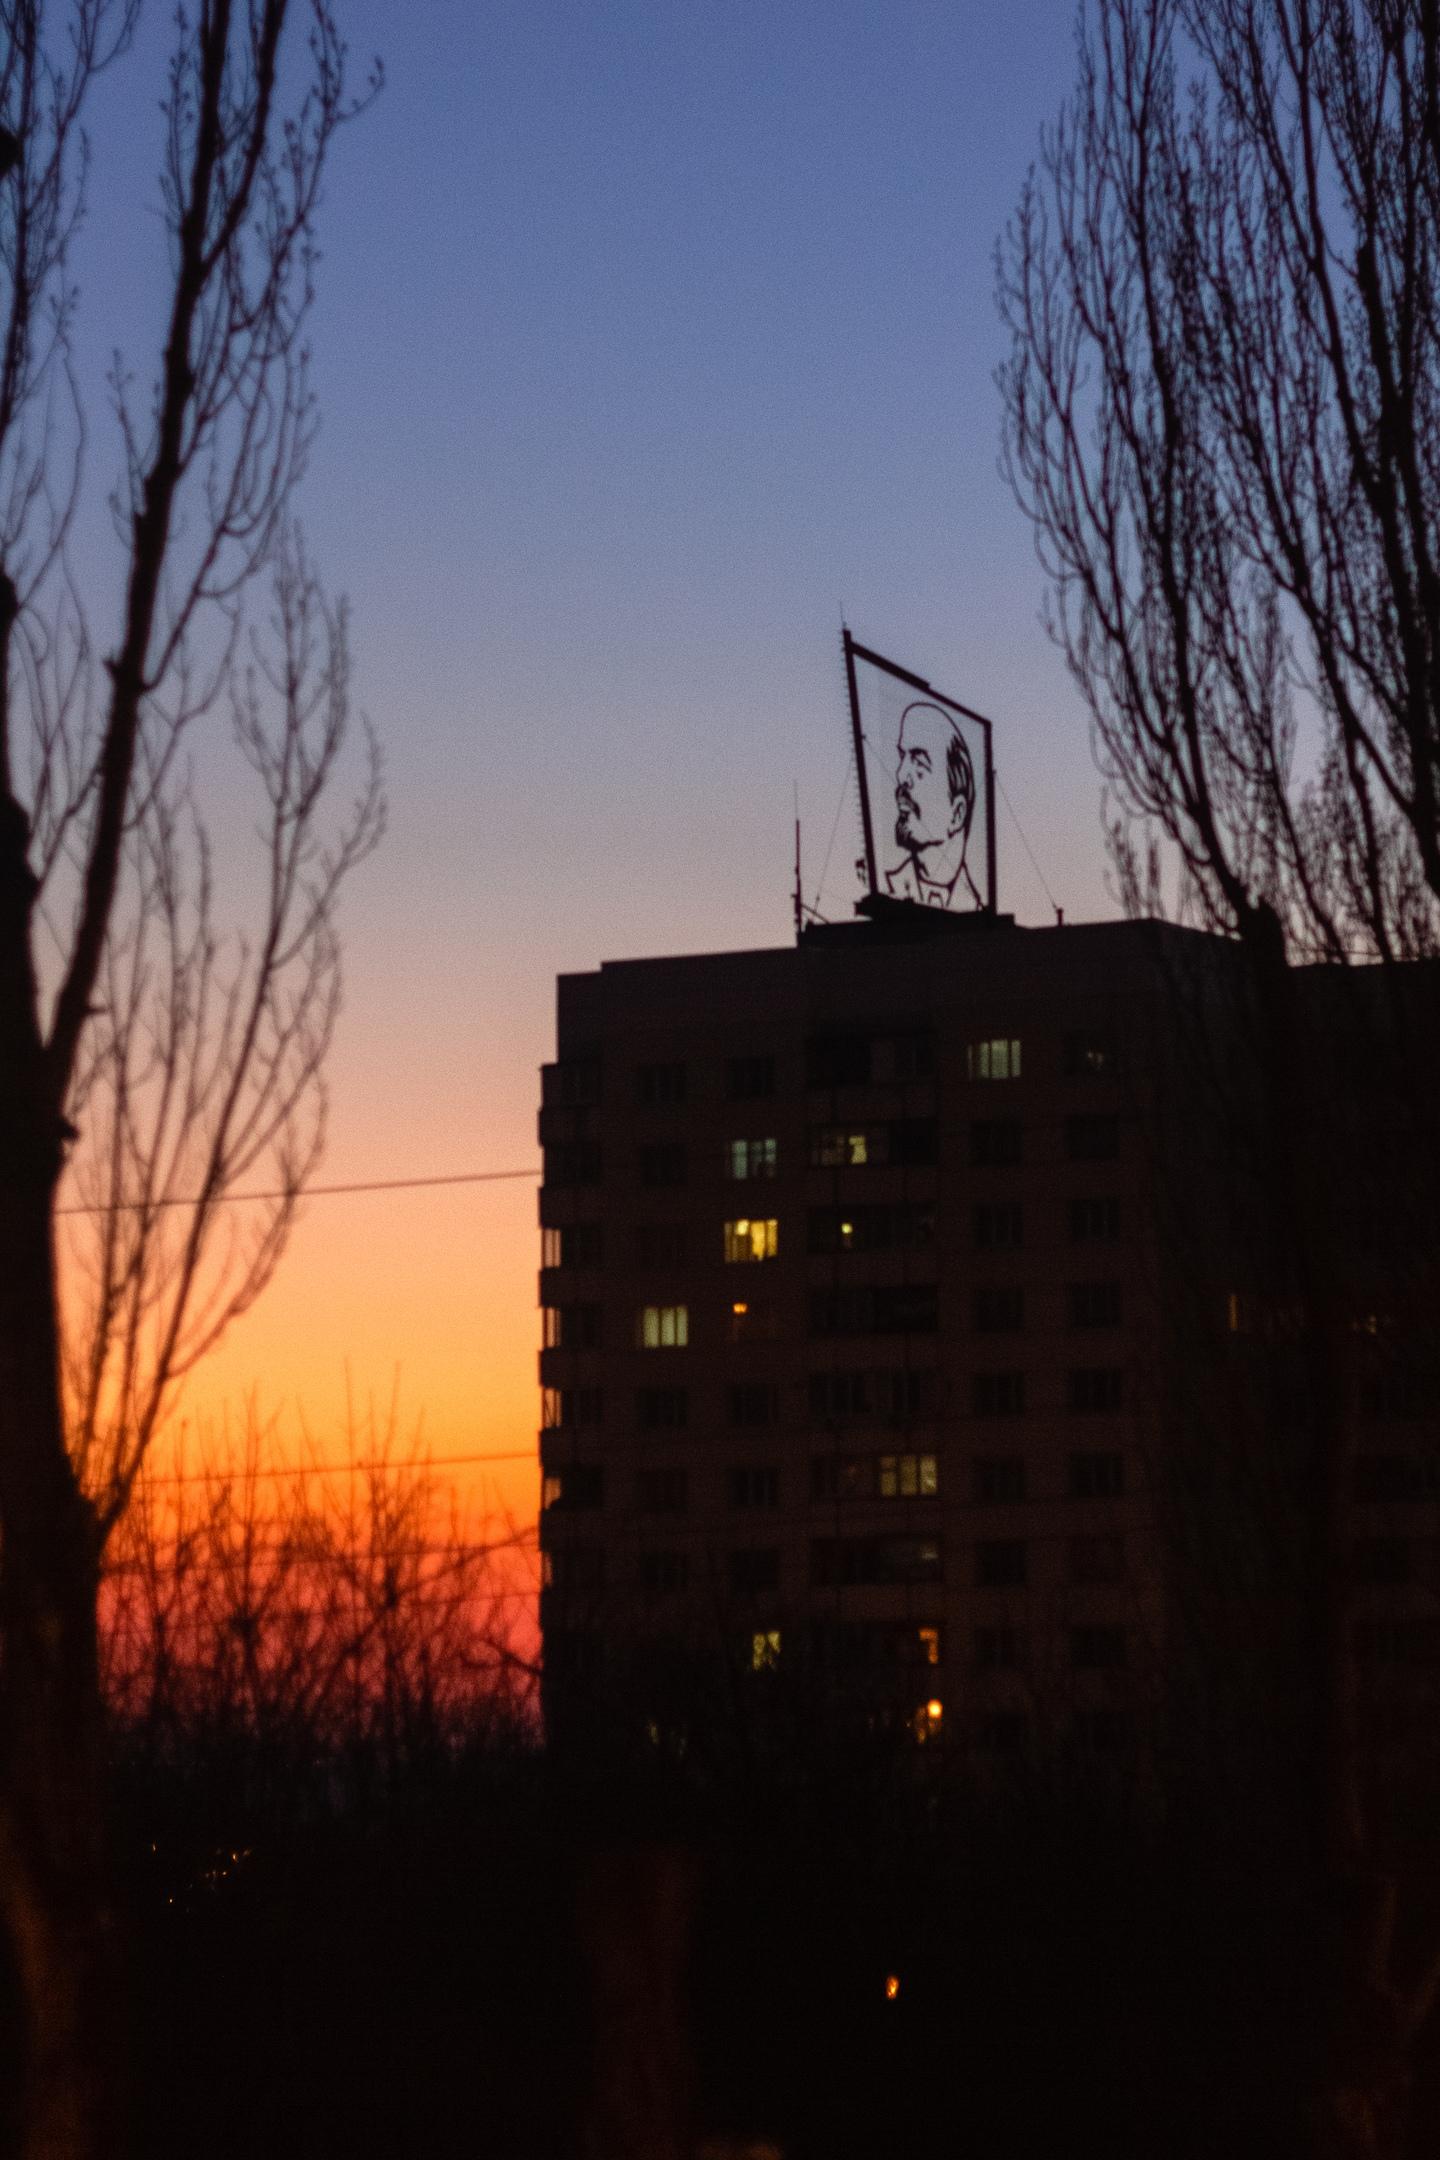 На улице теплеет и начинается пора закатов.